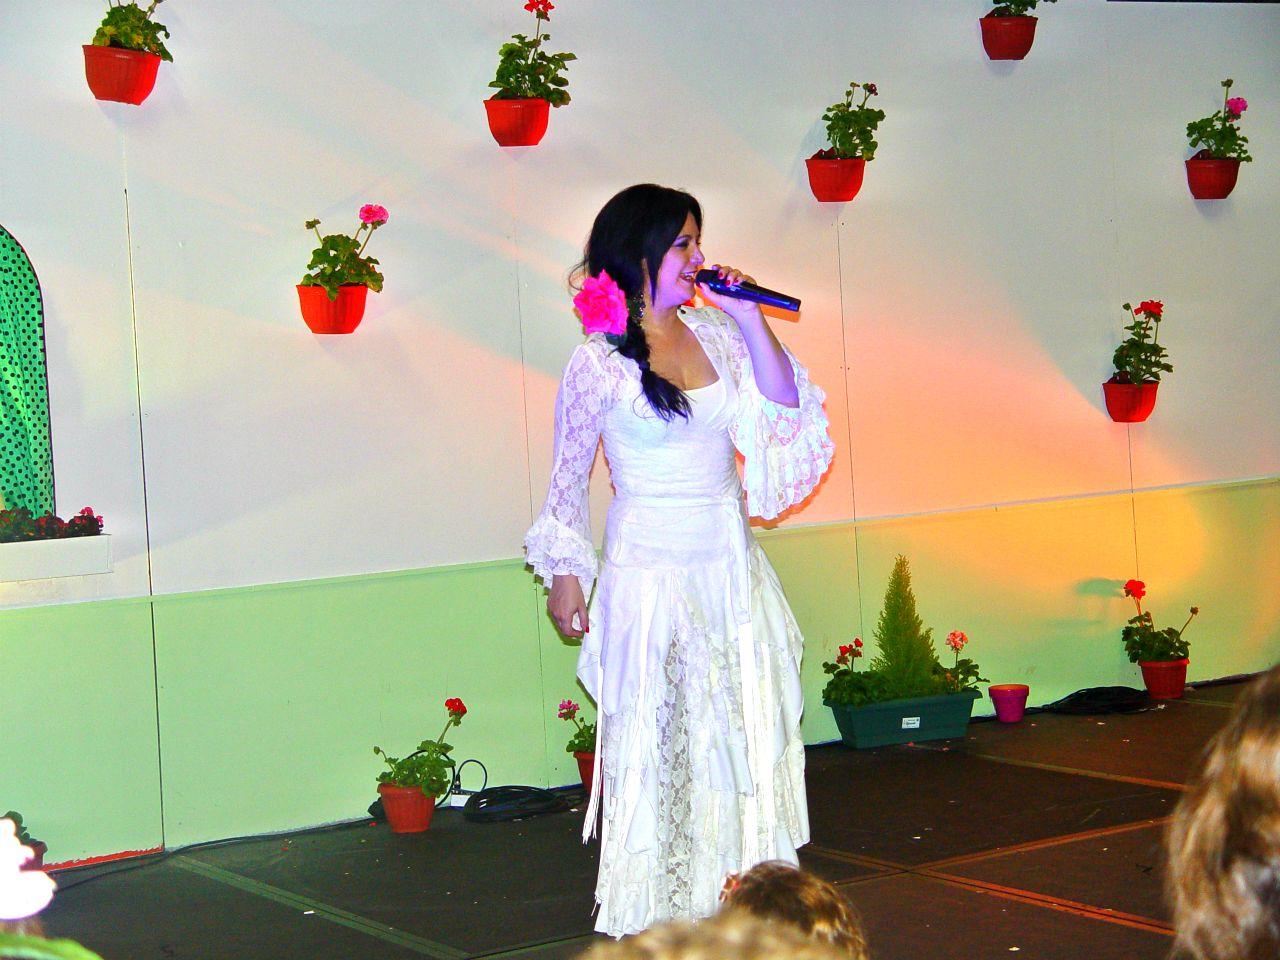 feria abril gijon sevilla flamenco sevillanas mercedes ben salah